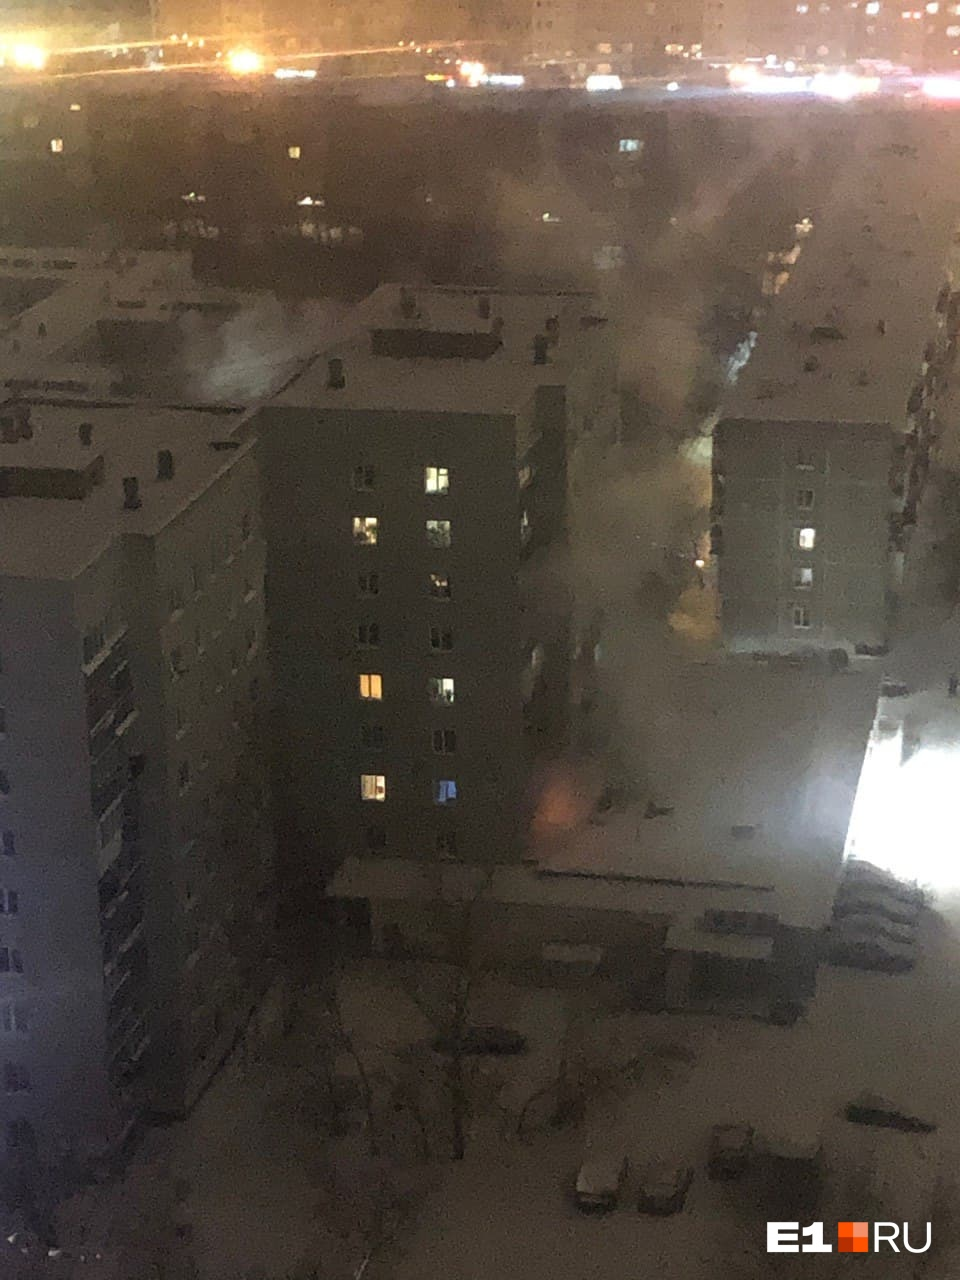 Пожар произошел на втором этаже